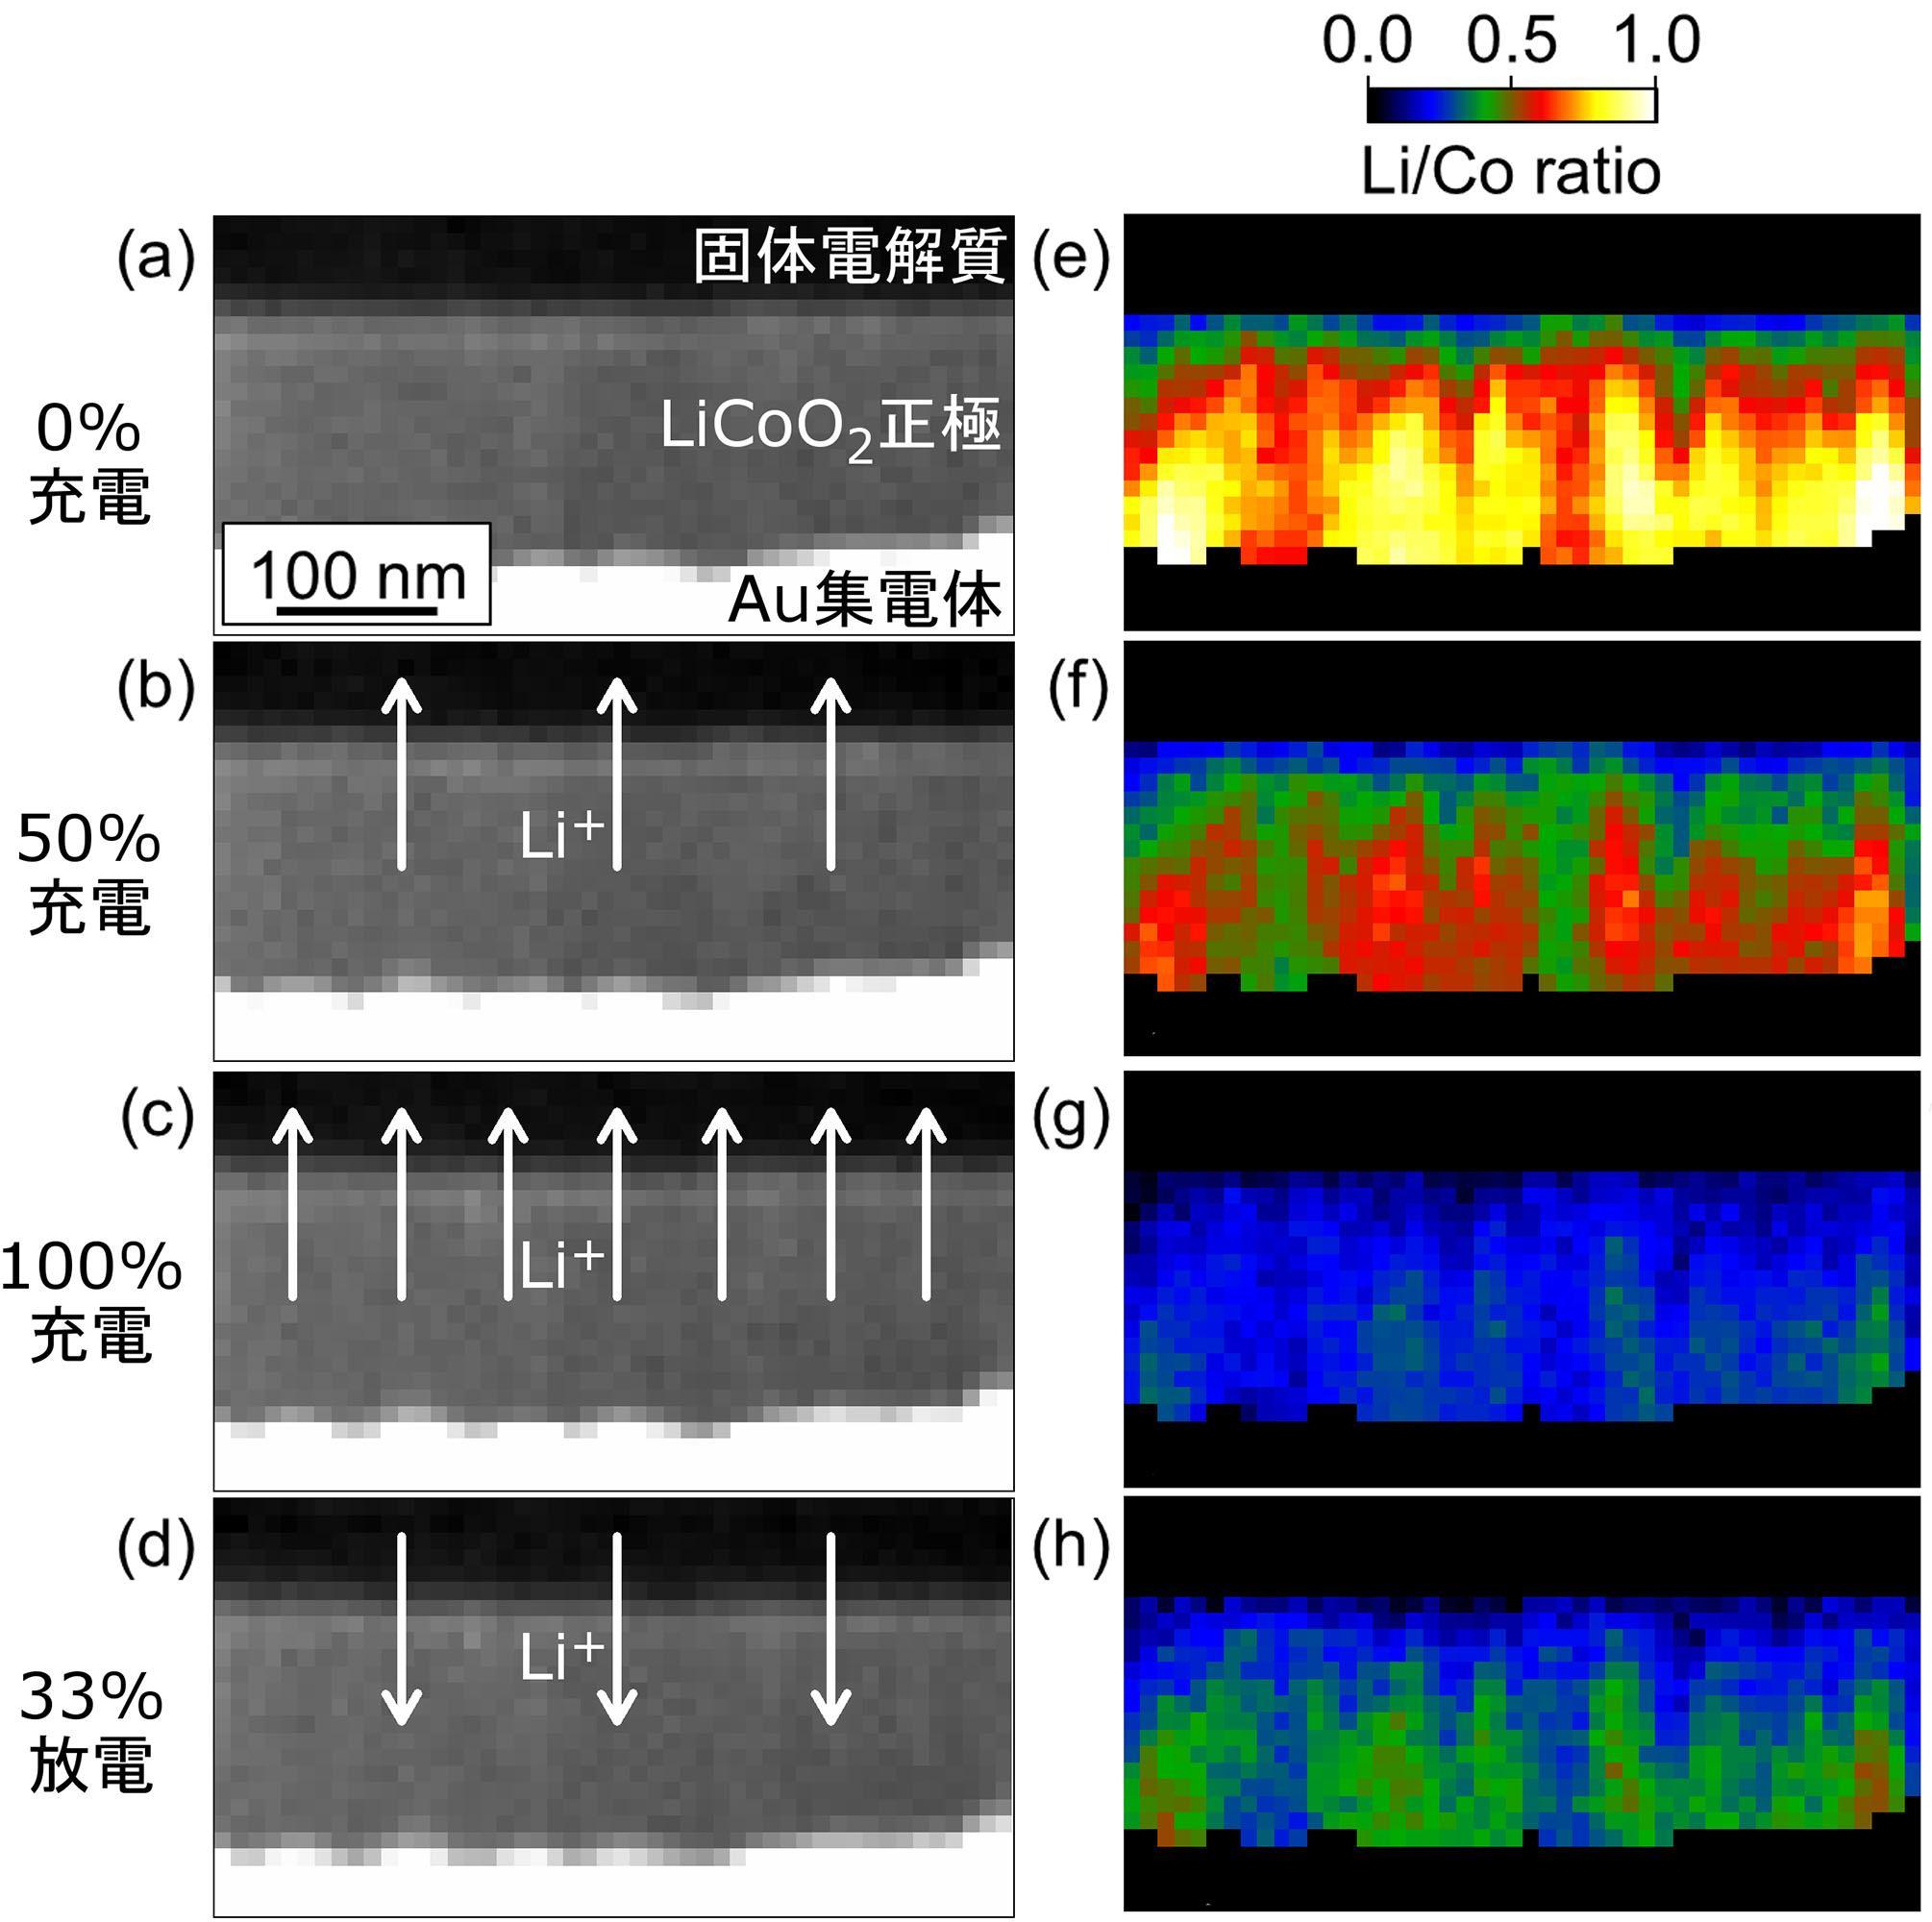 【図1】充放電中におけるLiCoO2正極内部のLiイオン濃度分布の変化